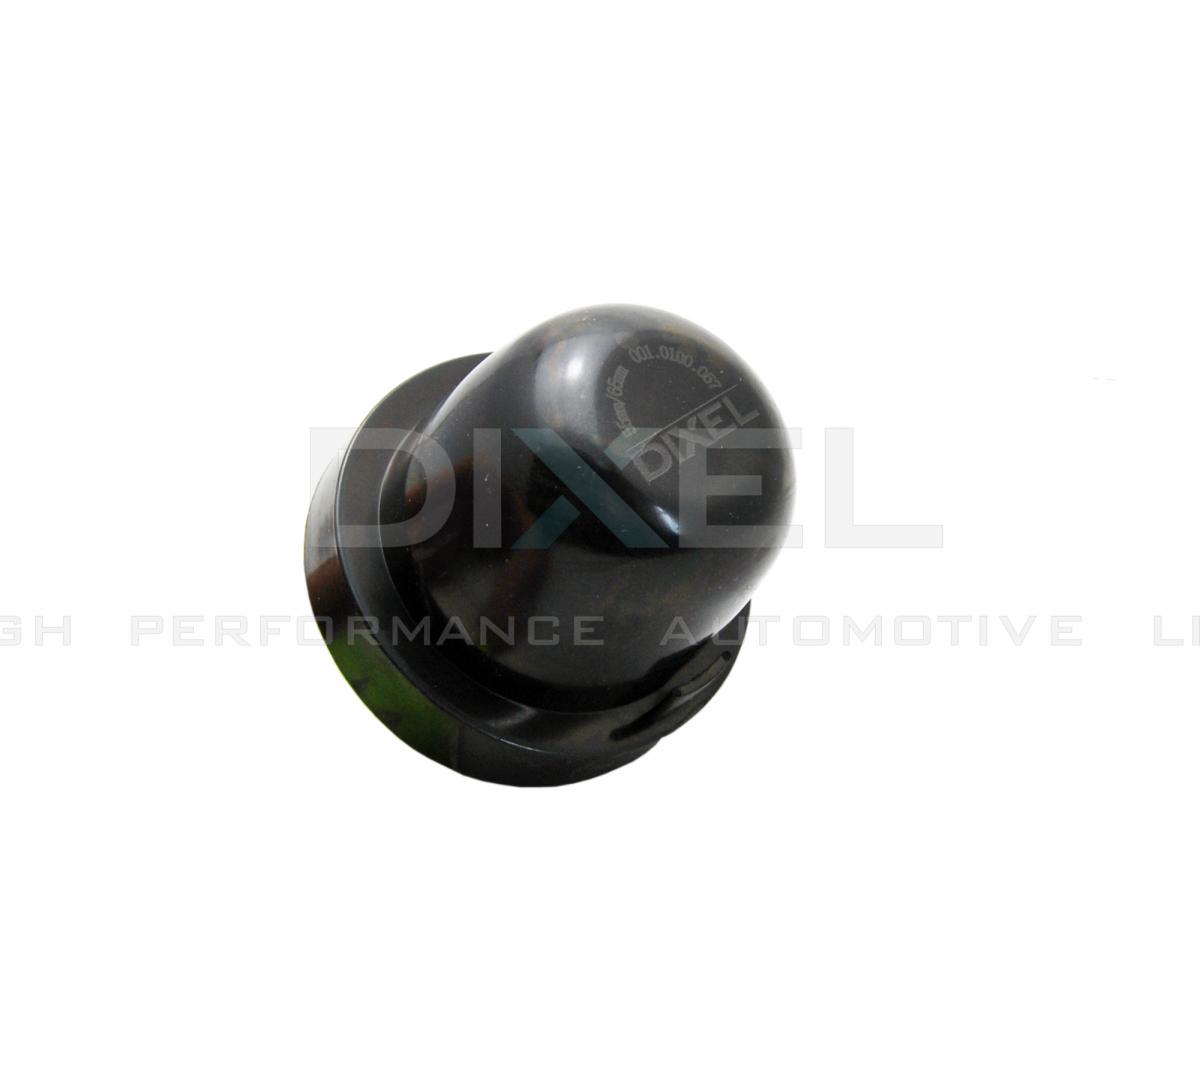 Крышка для фары диаметр 65 мм, высота 55 мм тип-3